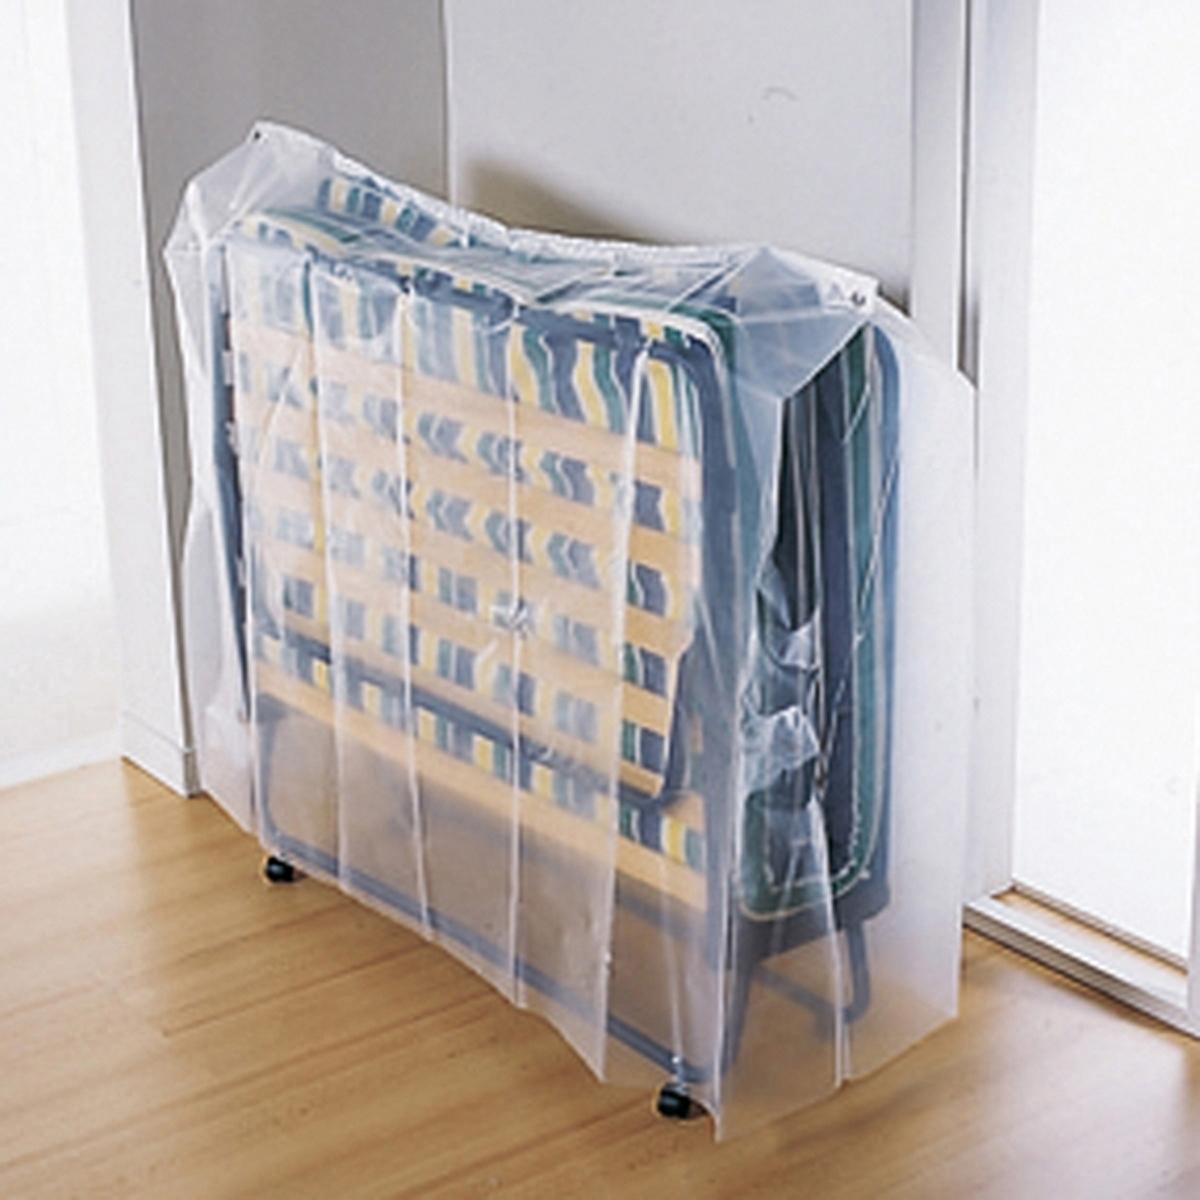 Чехол защитный для раскладной кроватиLa Redoute<br>Чехол защитный специально для раскладной кровати : полная защита кровати иматраса! Описание чехла :Полупрозрачный полиэтилен.Длина 190 см, 2 ширины на выбор.2 размера : 70/80 x 190 см или 120/140 x 190 см .<br><br>Цвет: прозрачный<br>Размер: 80 x 190 см